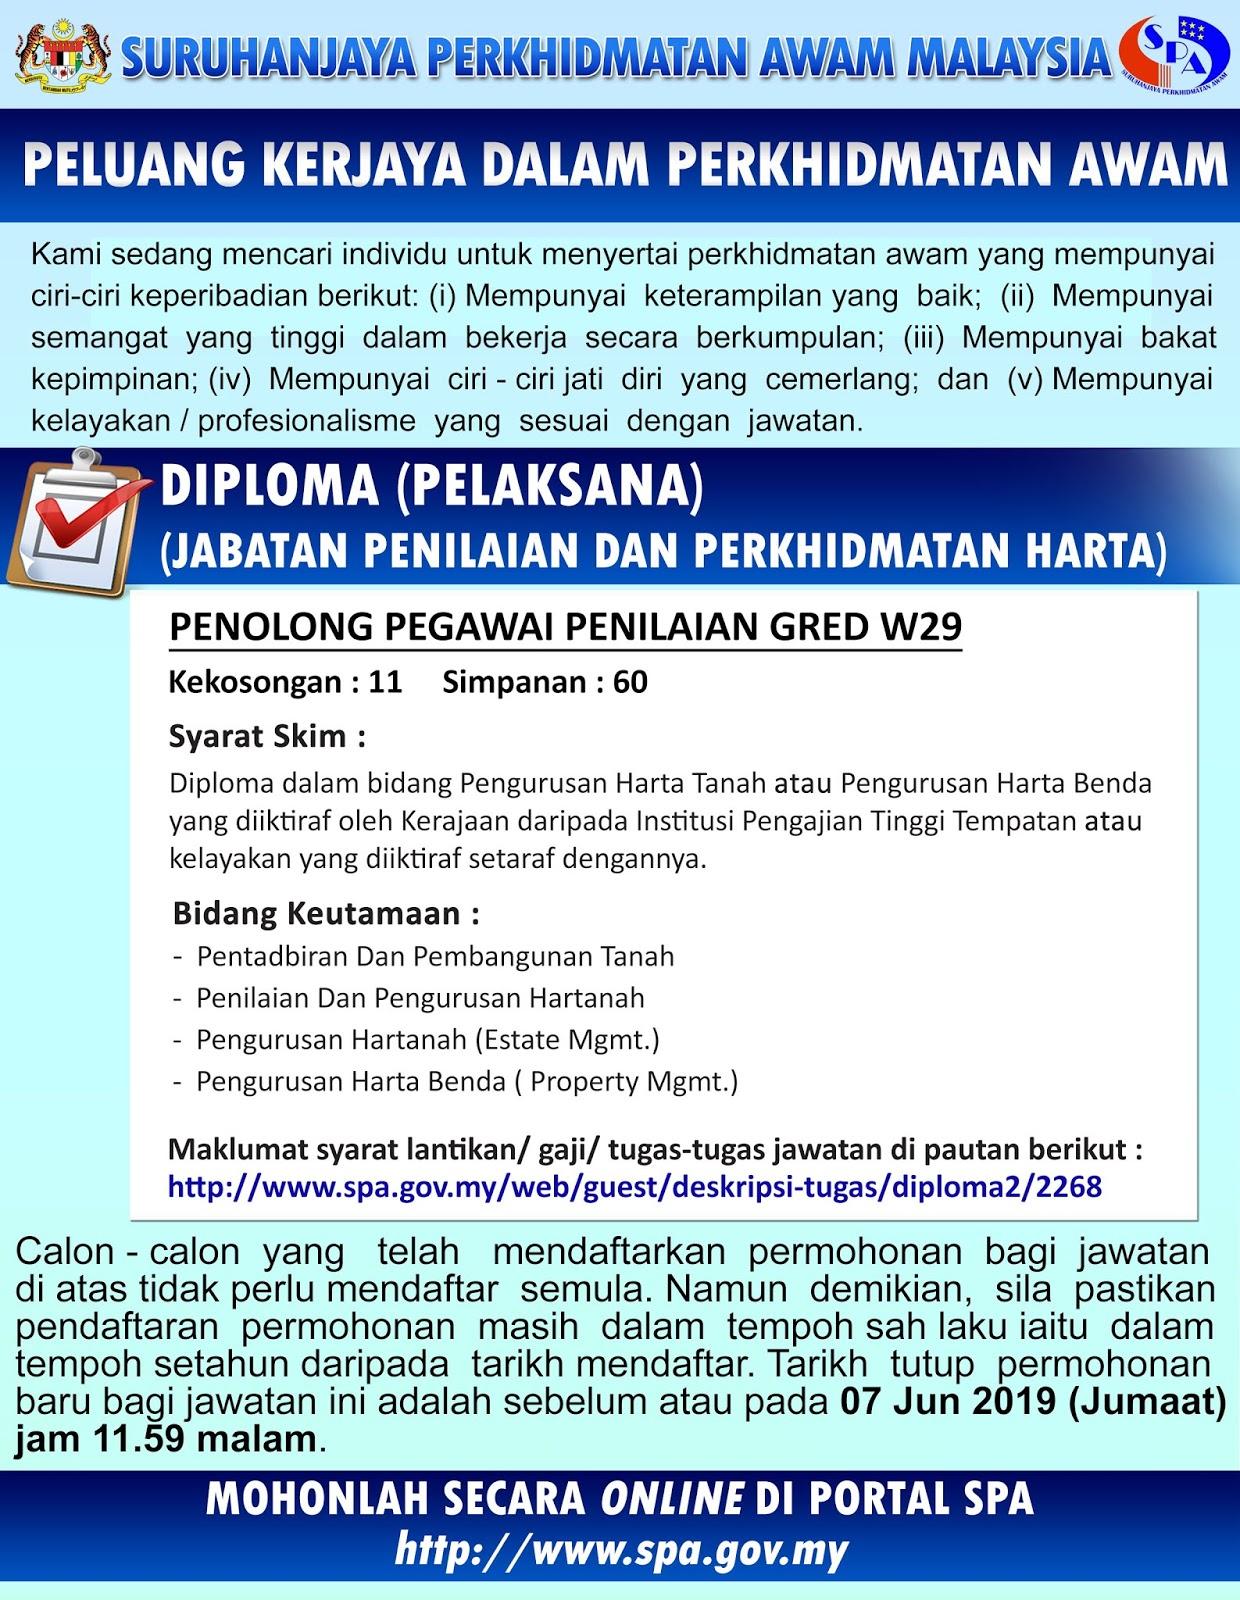 Iklan Jawatan Kosong Jabatan Penilaian Dan Perkhidmatan Harta Jpph 7 Jun 2019 Ekerjaa